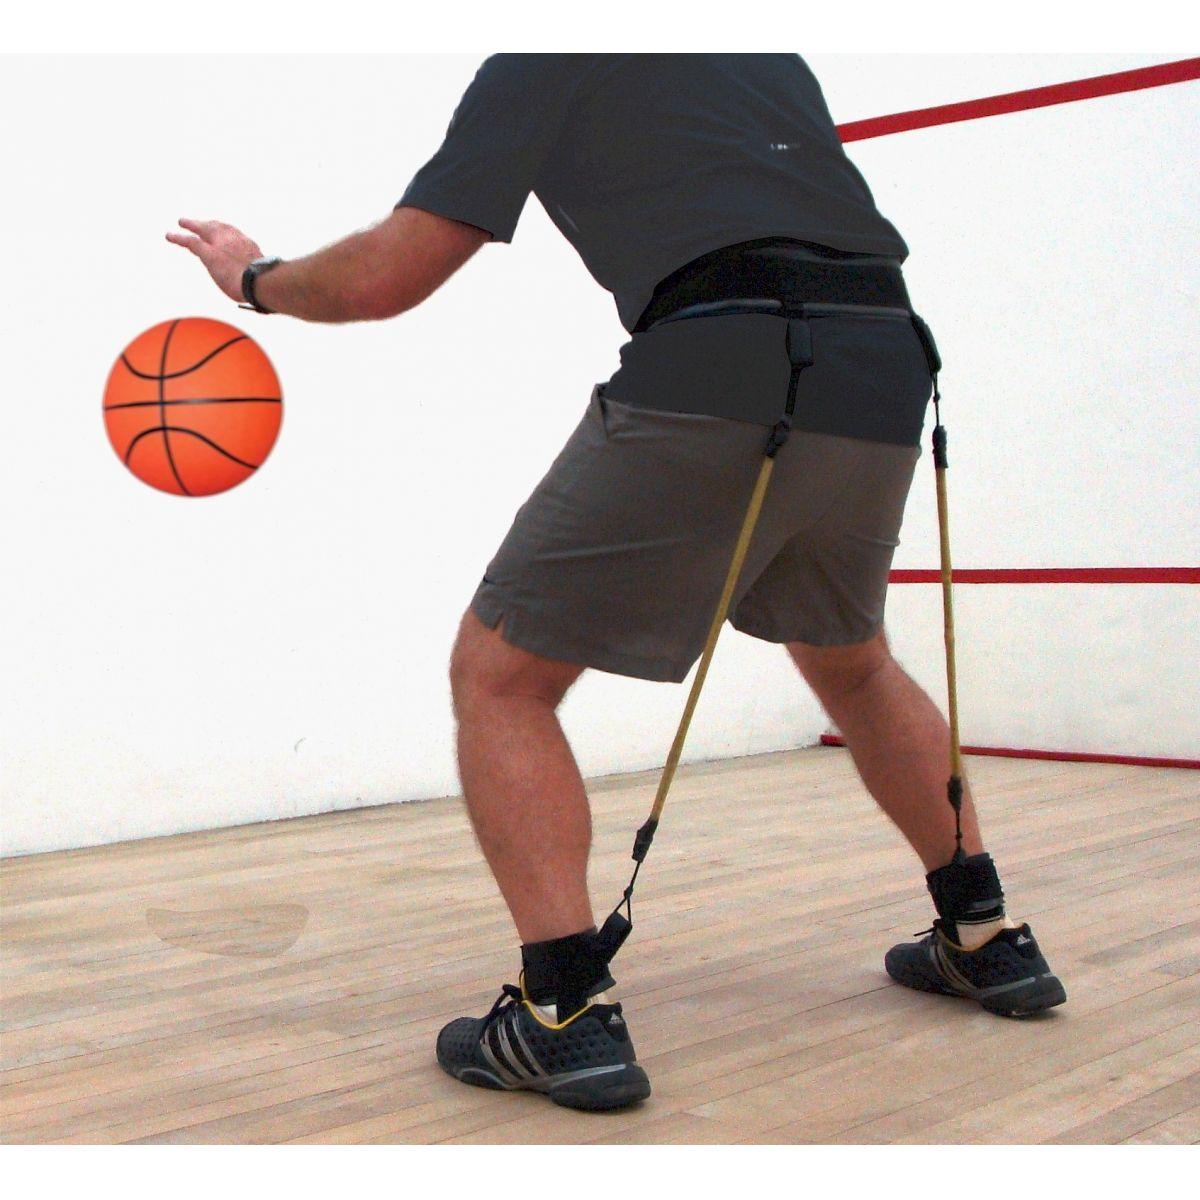 ELASTICO FLEXÃO JOELHOS  - Actualsports  Equipamentos Esportivos